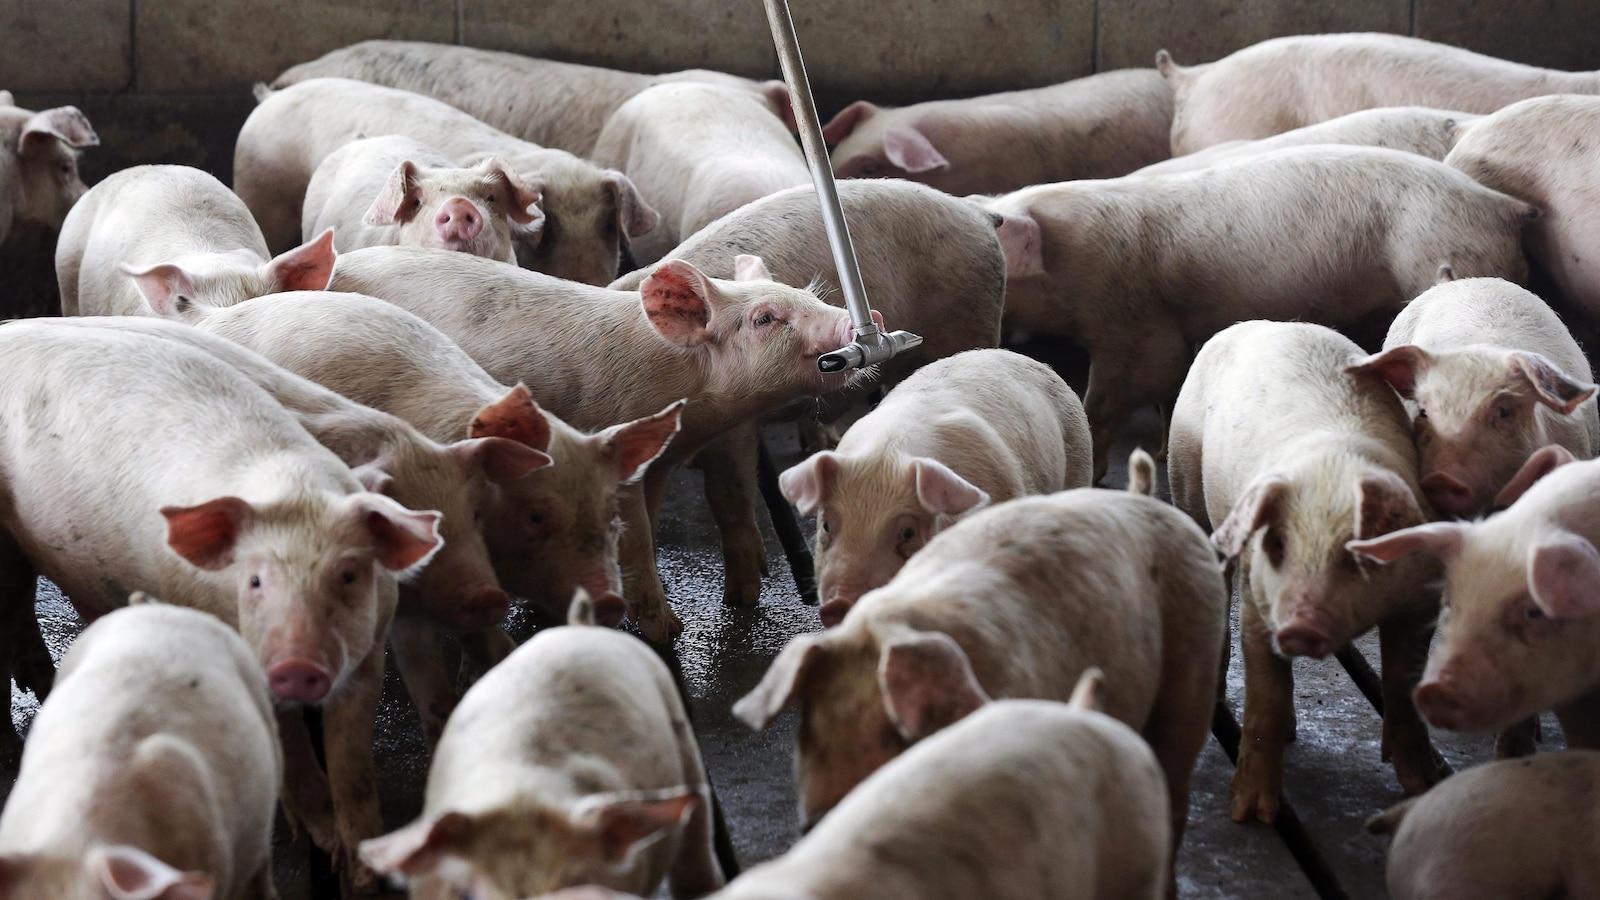 Des cochons dans une porcherie.